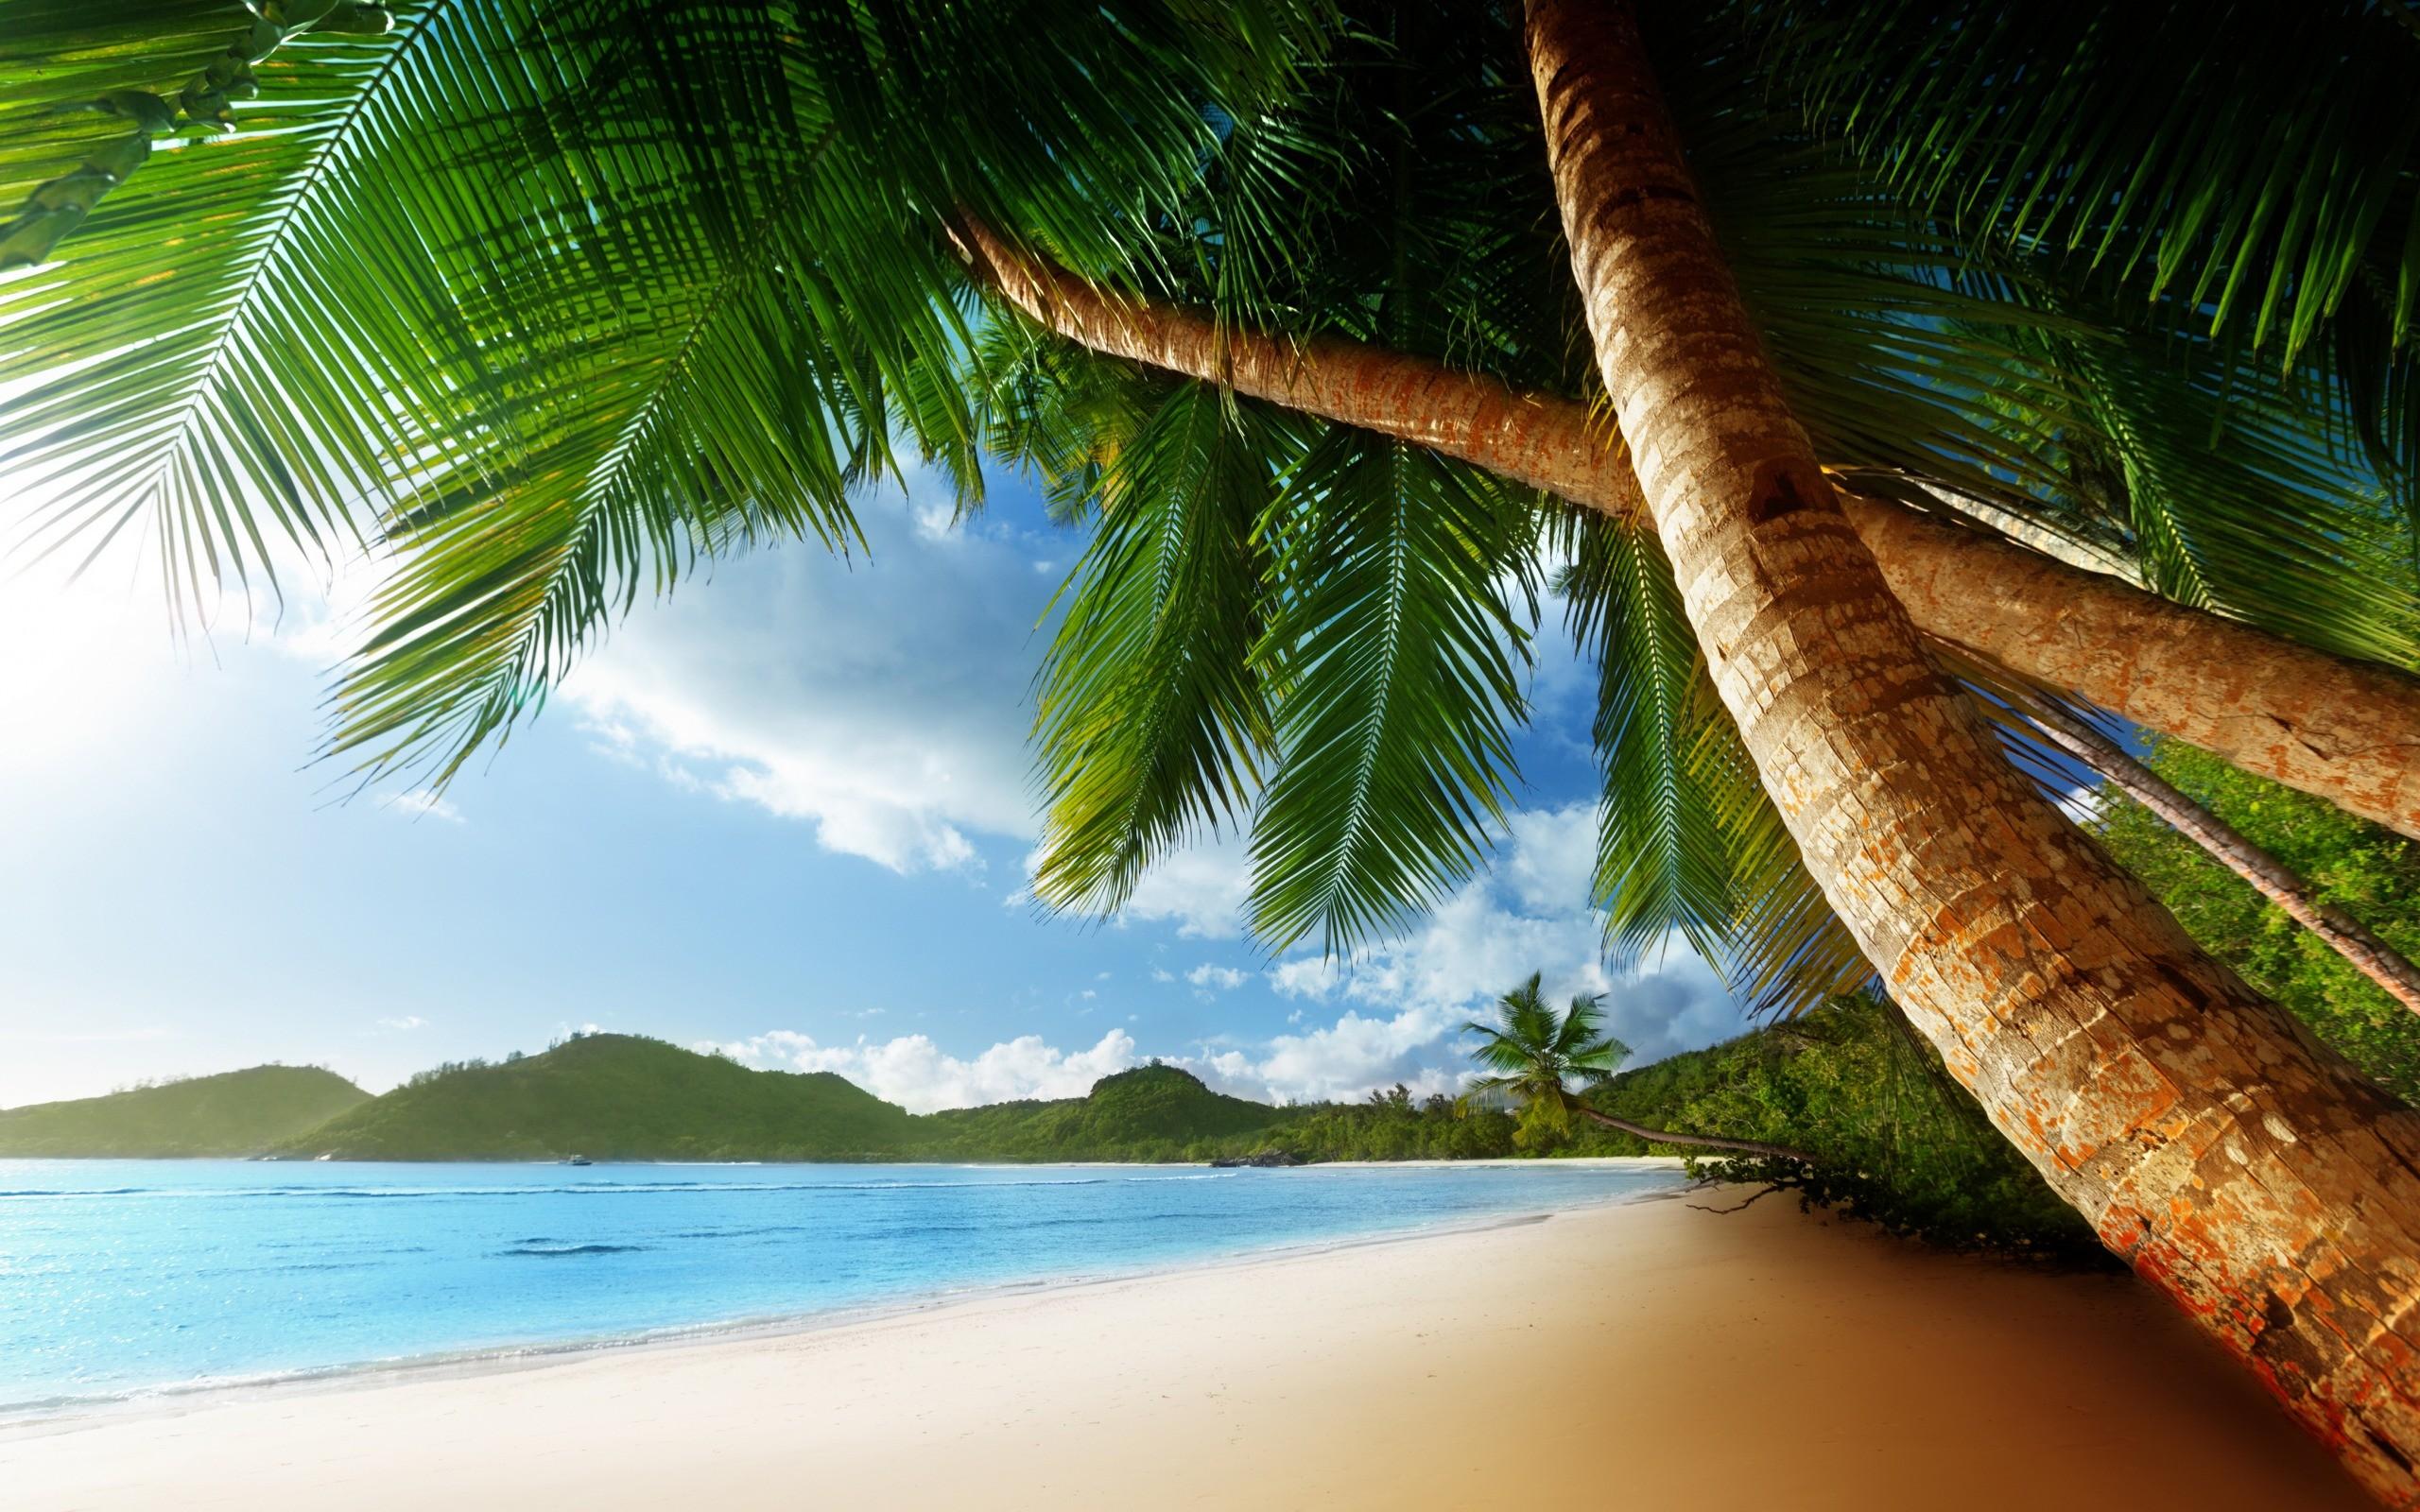 Море песок пляж пальмы  № 3898007 без смс